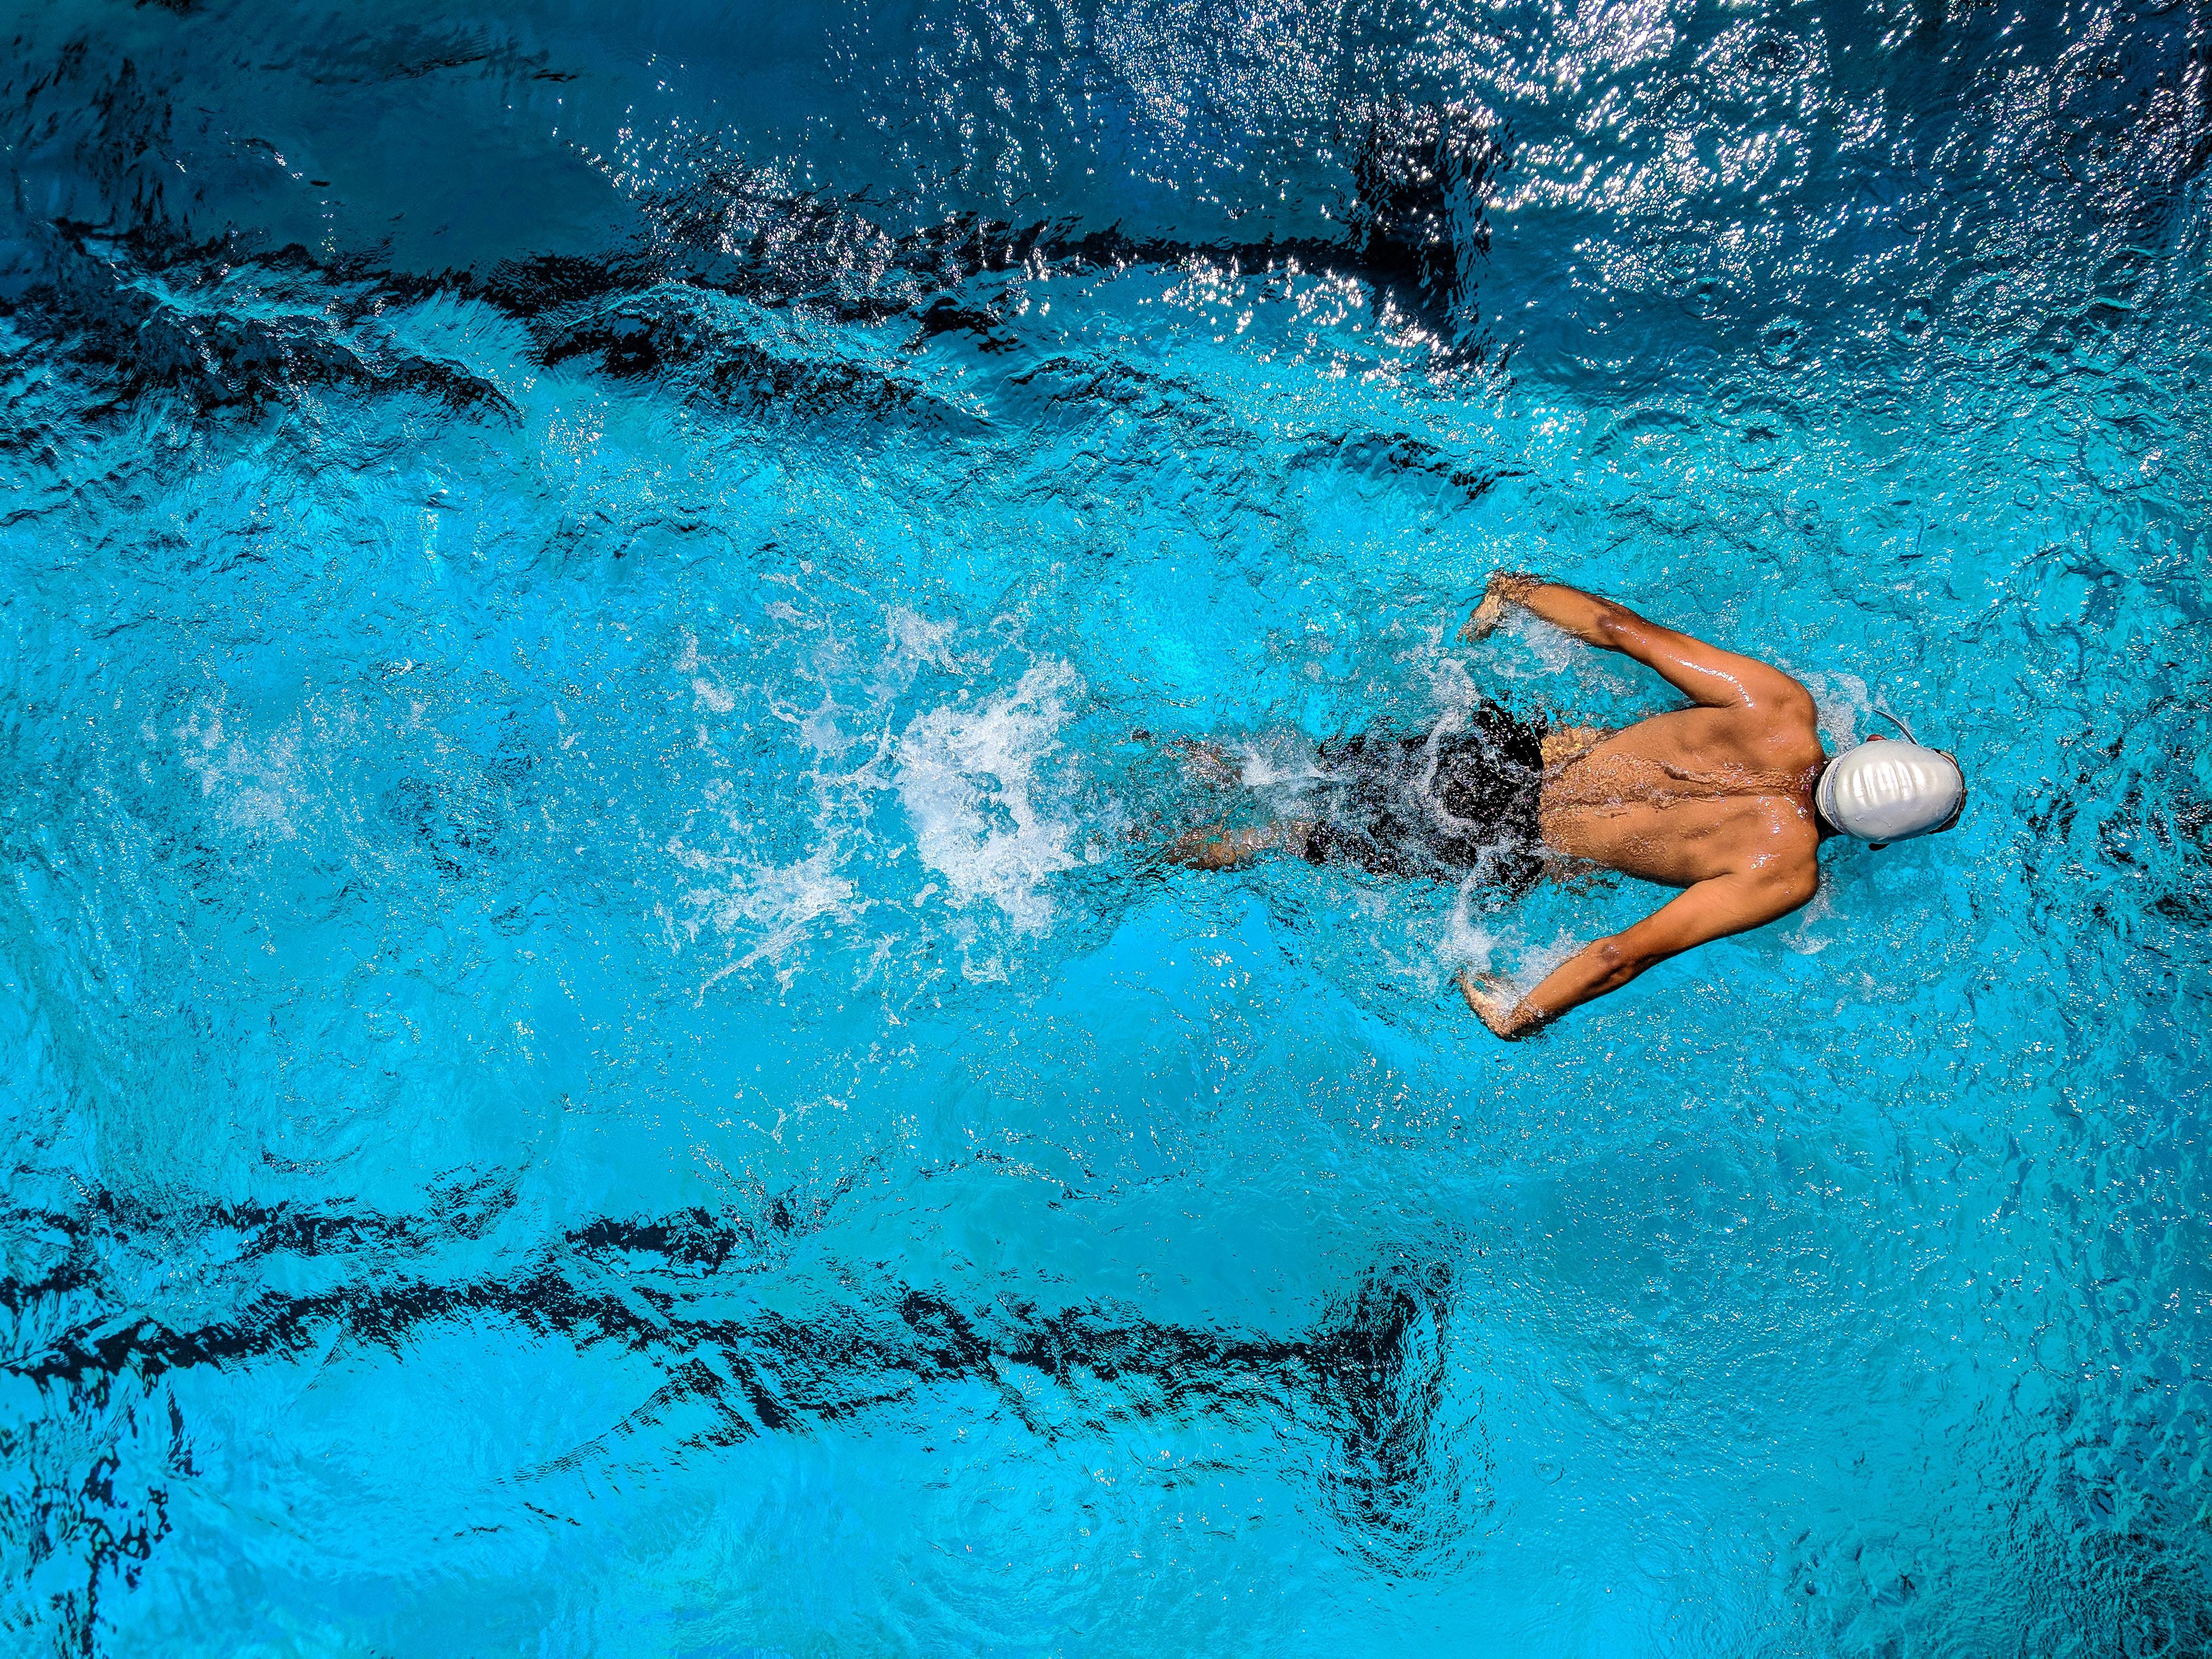 Люди плавают в бассейне картинки чтобы